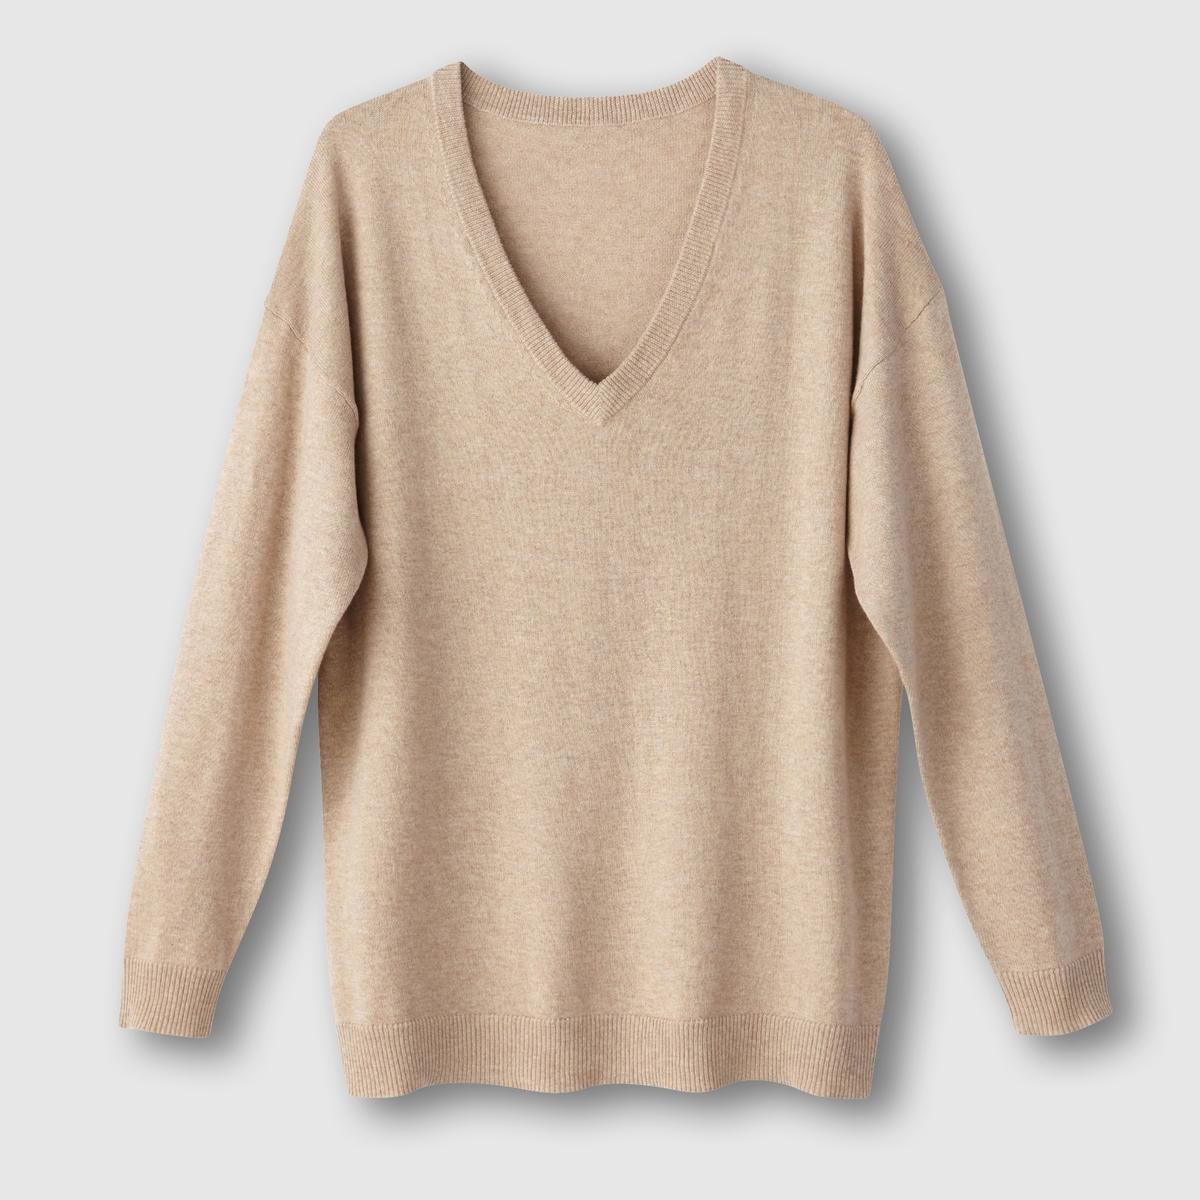 Пуловер с V-образным вырезом из хлопка и кашемираСостав и описаниеМатериал: трикотаж, 95% хлопок, 5% кашемир.Длина: 65 смМарка: R essentiel.   УходРучная стиркаСухая (химическая) чистка разрешена.Стирать и гладить с изнаночной стороныГладить при умеренной температуре<br><br>Цвет: бежевый меланж,красный,розовый коралловый,серый меланж,черный<br>Размер: 42/44 (FR) - 48/50 (RUS).46/48 (FR) - 52/54 (RUS).34/36 (FR) - 40/42 (RUS).34/36 (FR) - 40/42 (RUS).50/52 (FR) - 56/58 (RUS).38/40 (FR) - 44/46 (RUS)